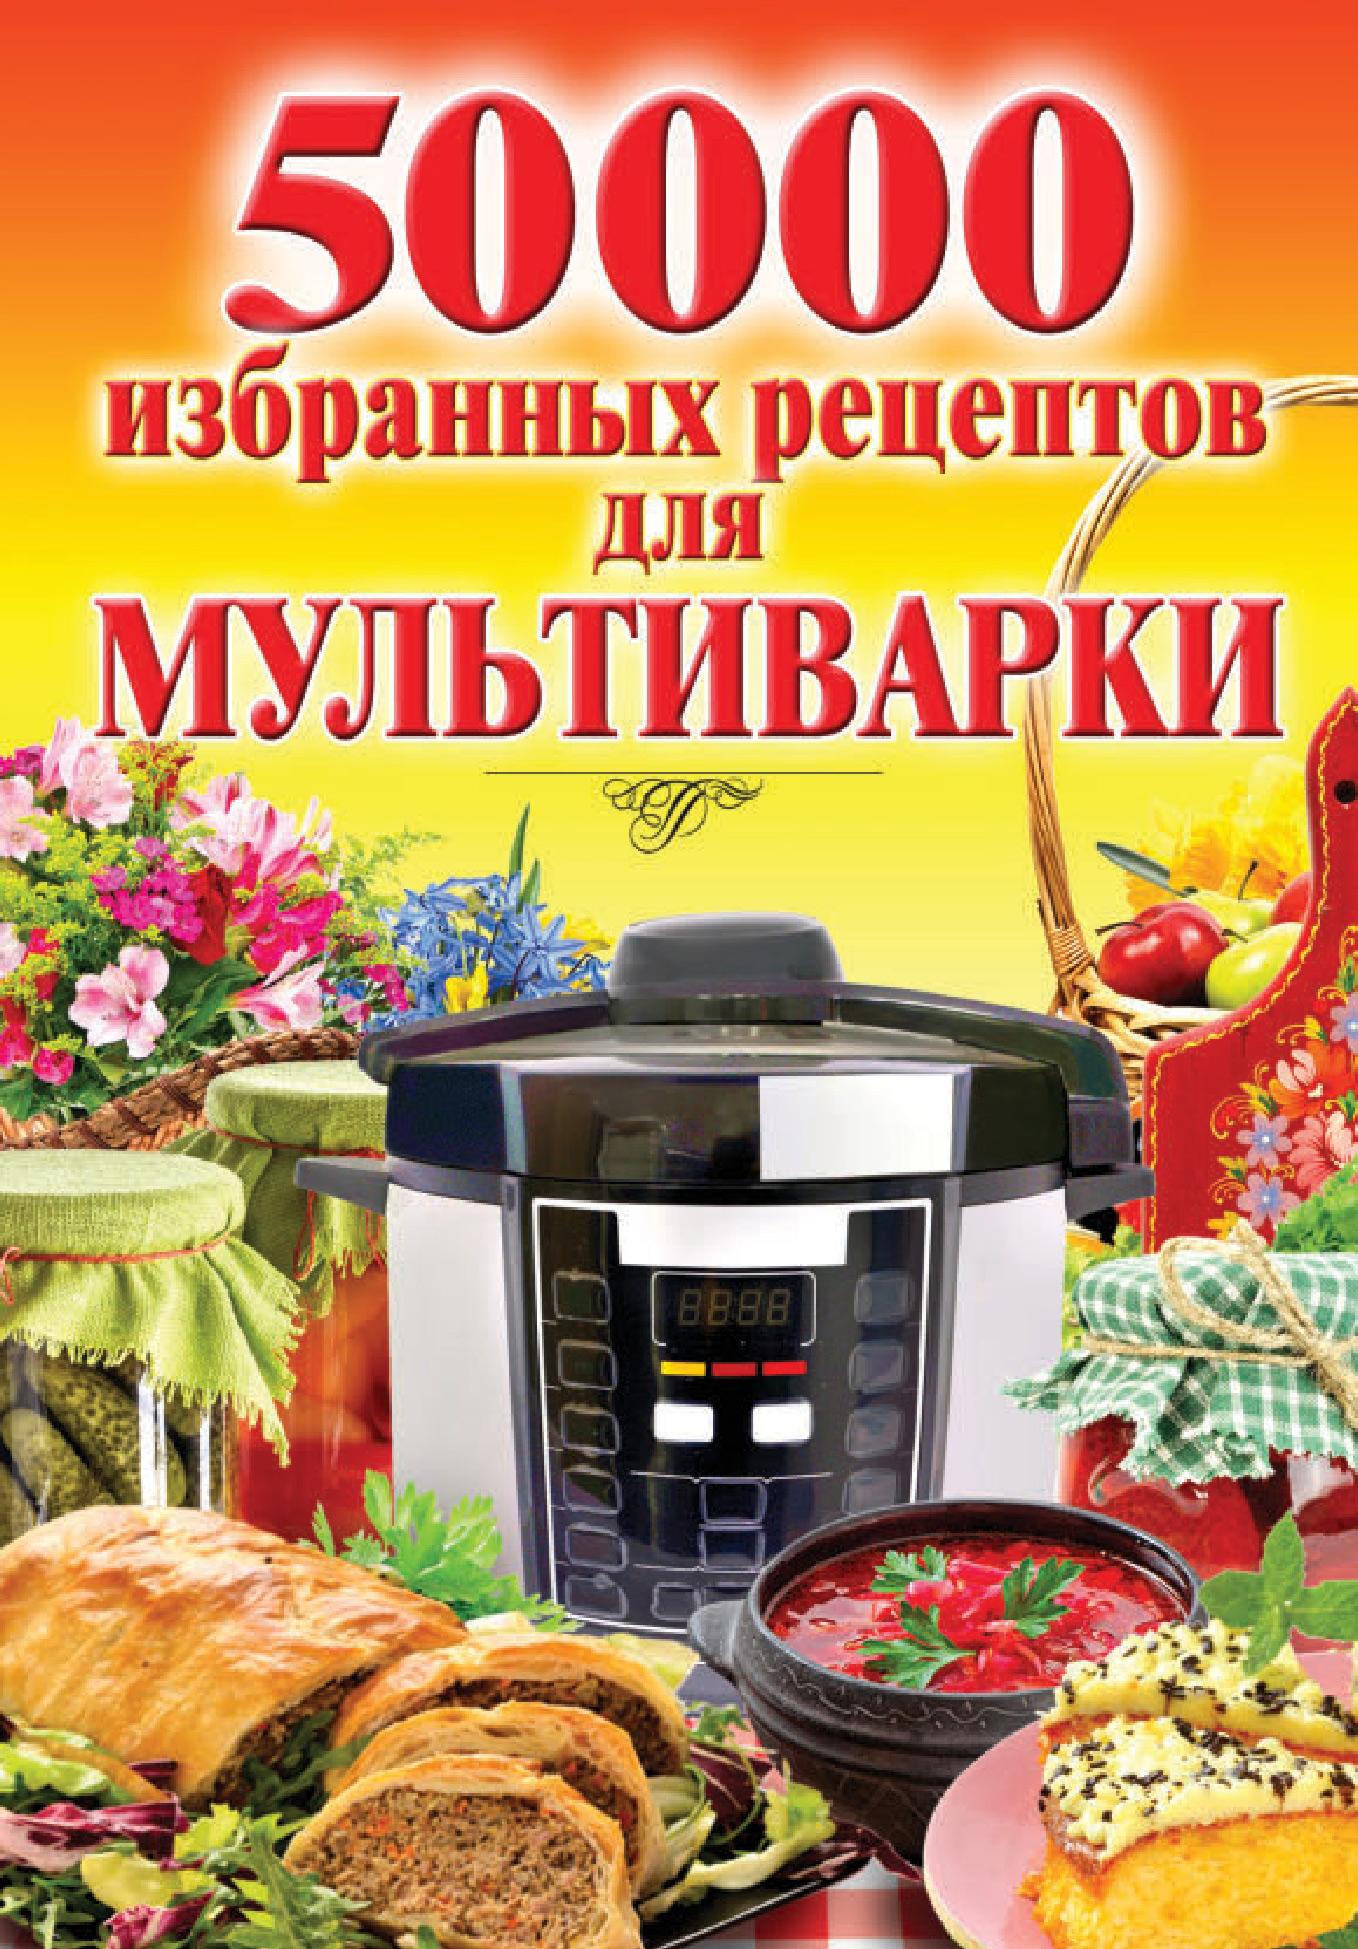 Наталья Семенова 50 000 избранных рецептов для мультиварки 50 000 избранных рецептов блюд для будней и праздников